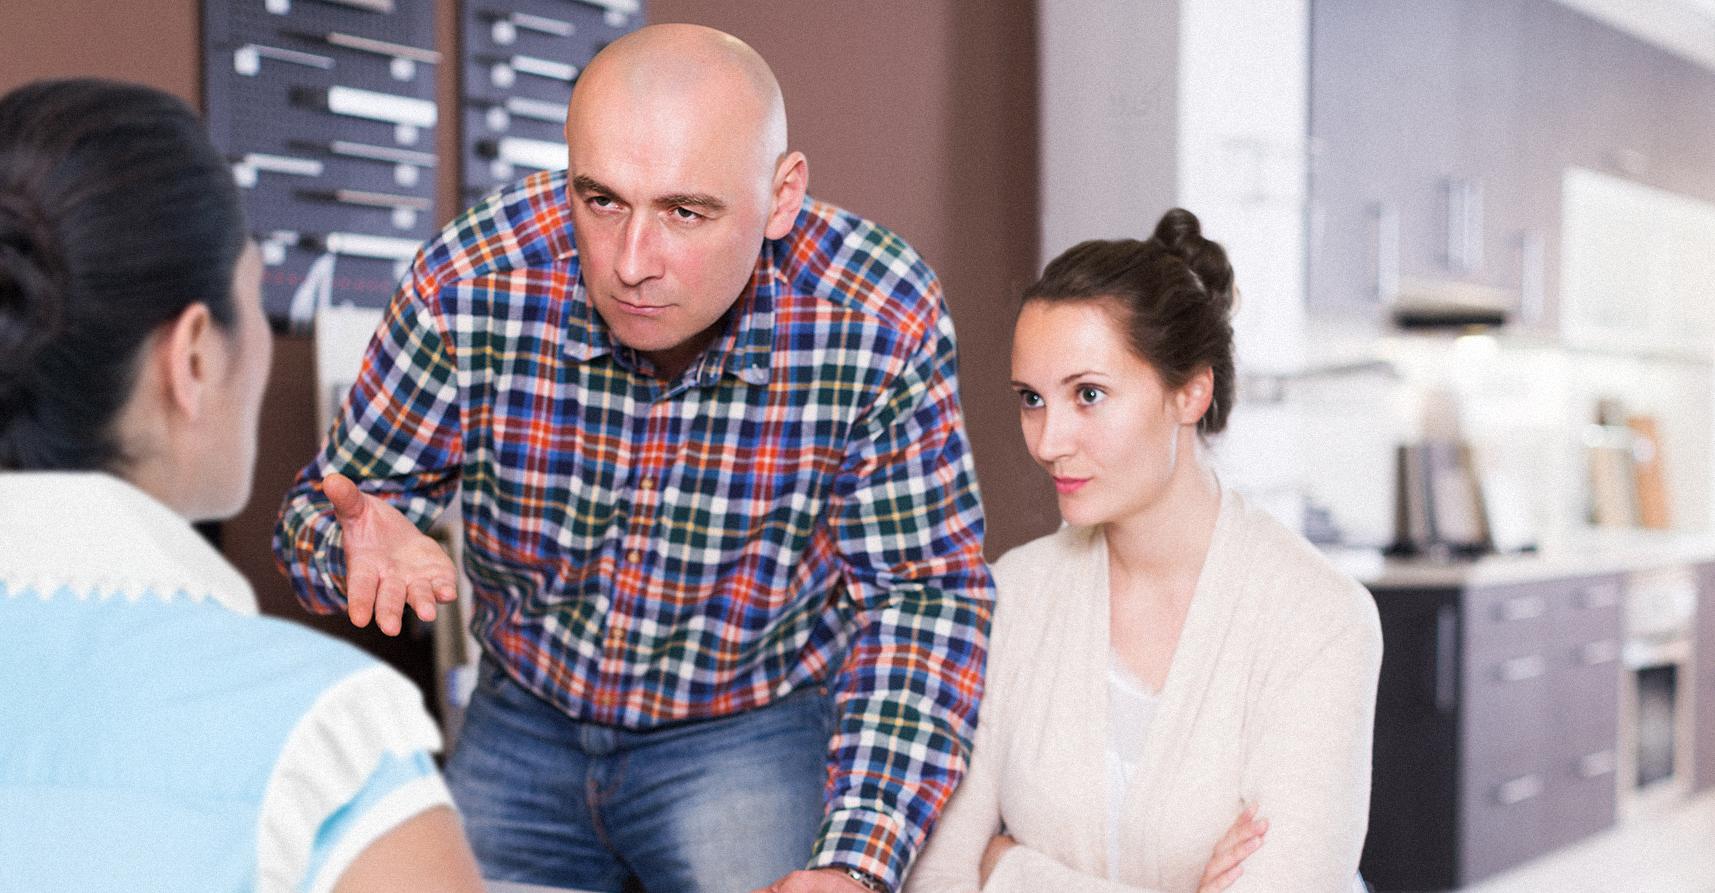 صورة عائلة وطنية تتوقف عن دفع راتب الخادمة بعد اكتشافها أنها تحول النقود للخارج